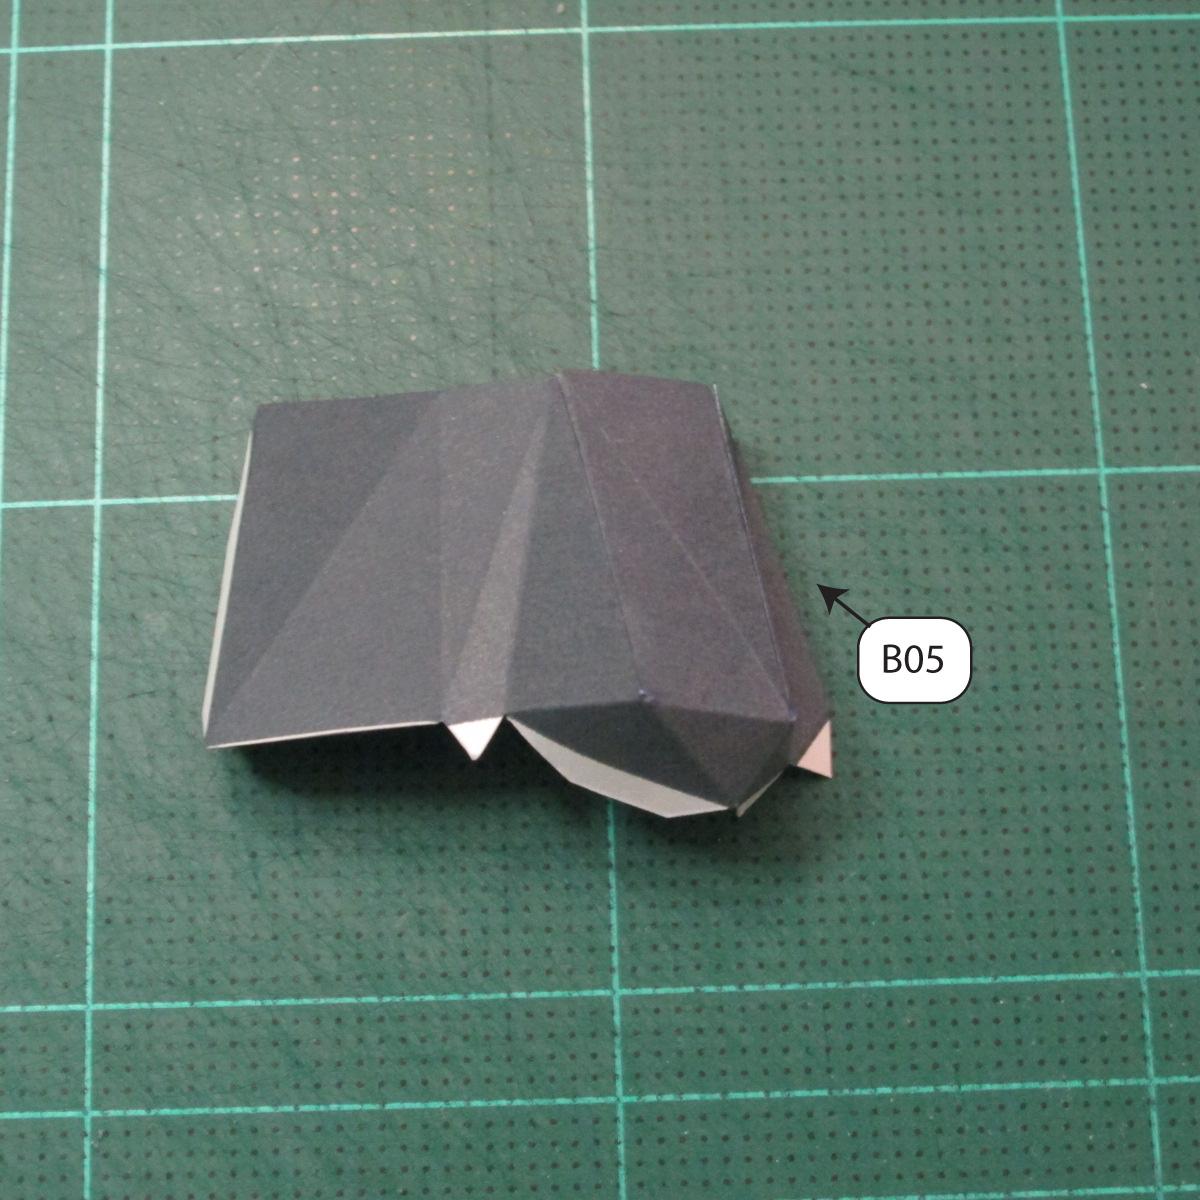 วิธีทำโมเดลกระดาษของเล่นคุกกี้รัน คุกกี้รสพ่อมด (Cookie Run Wizard Cookie Papercraft Model) 034